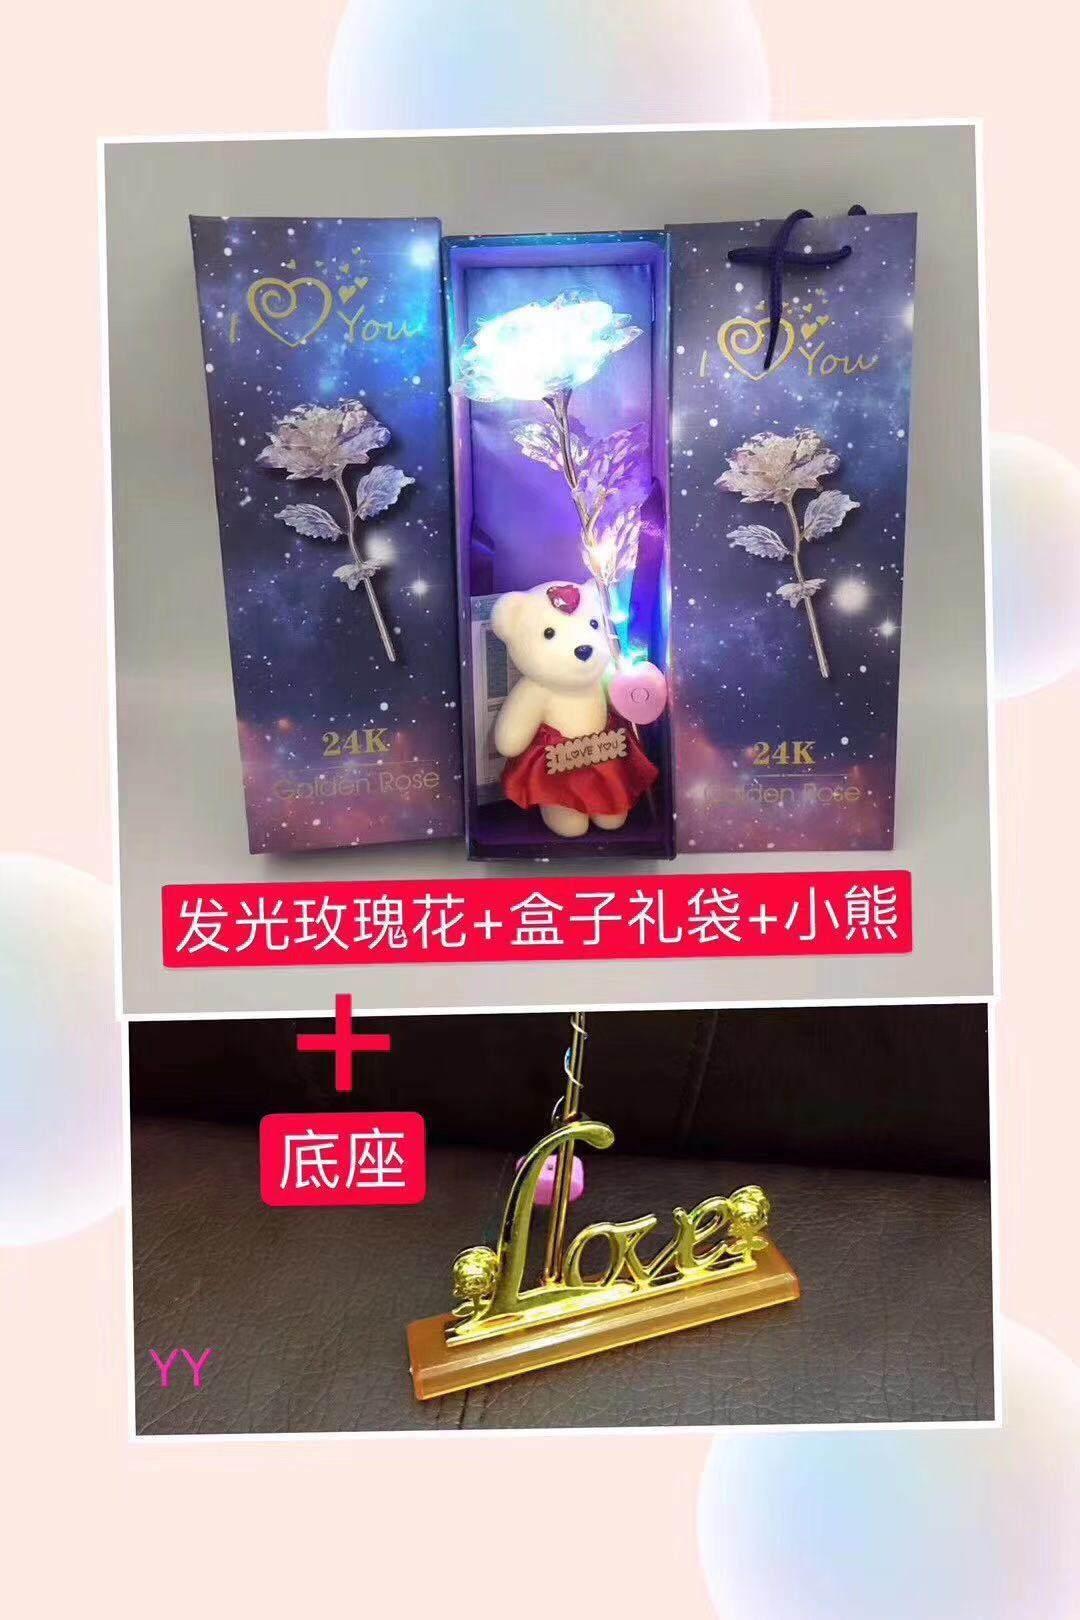 七夕情人节摆地摊卖什么好 发光彩灯玫瑰花 情人节摆地摊热销地摊产品